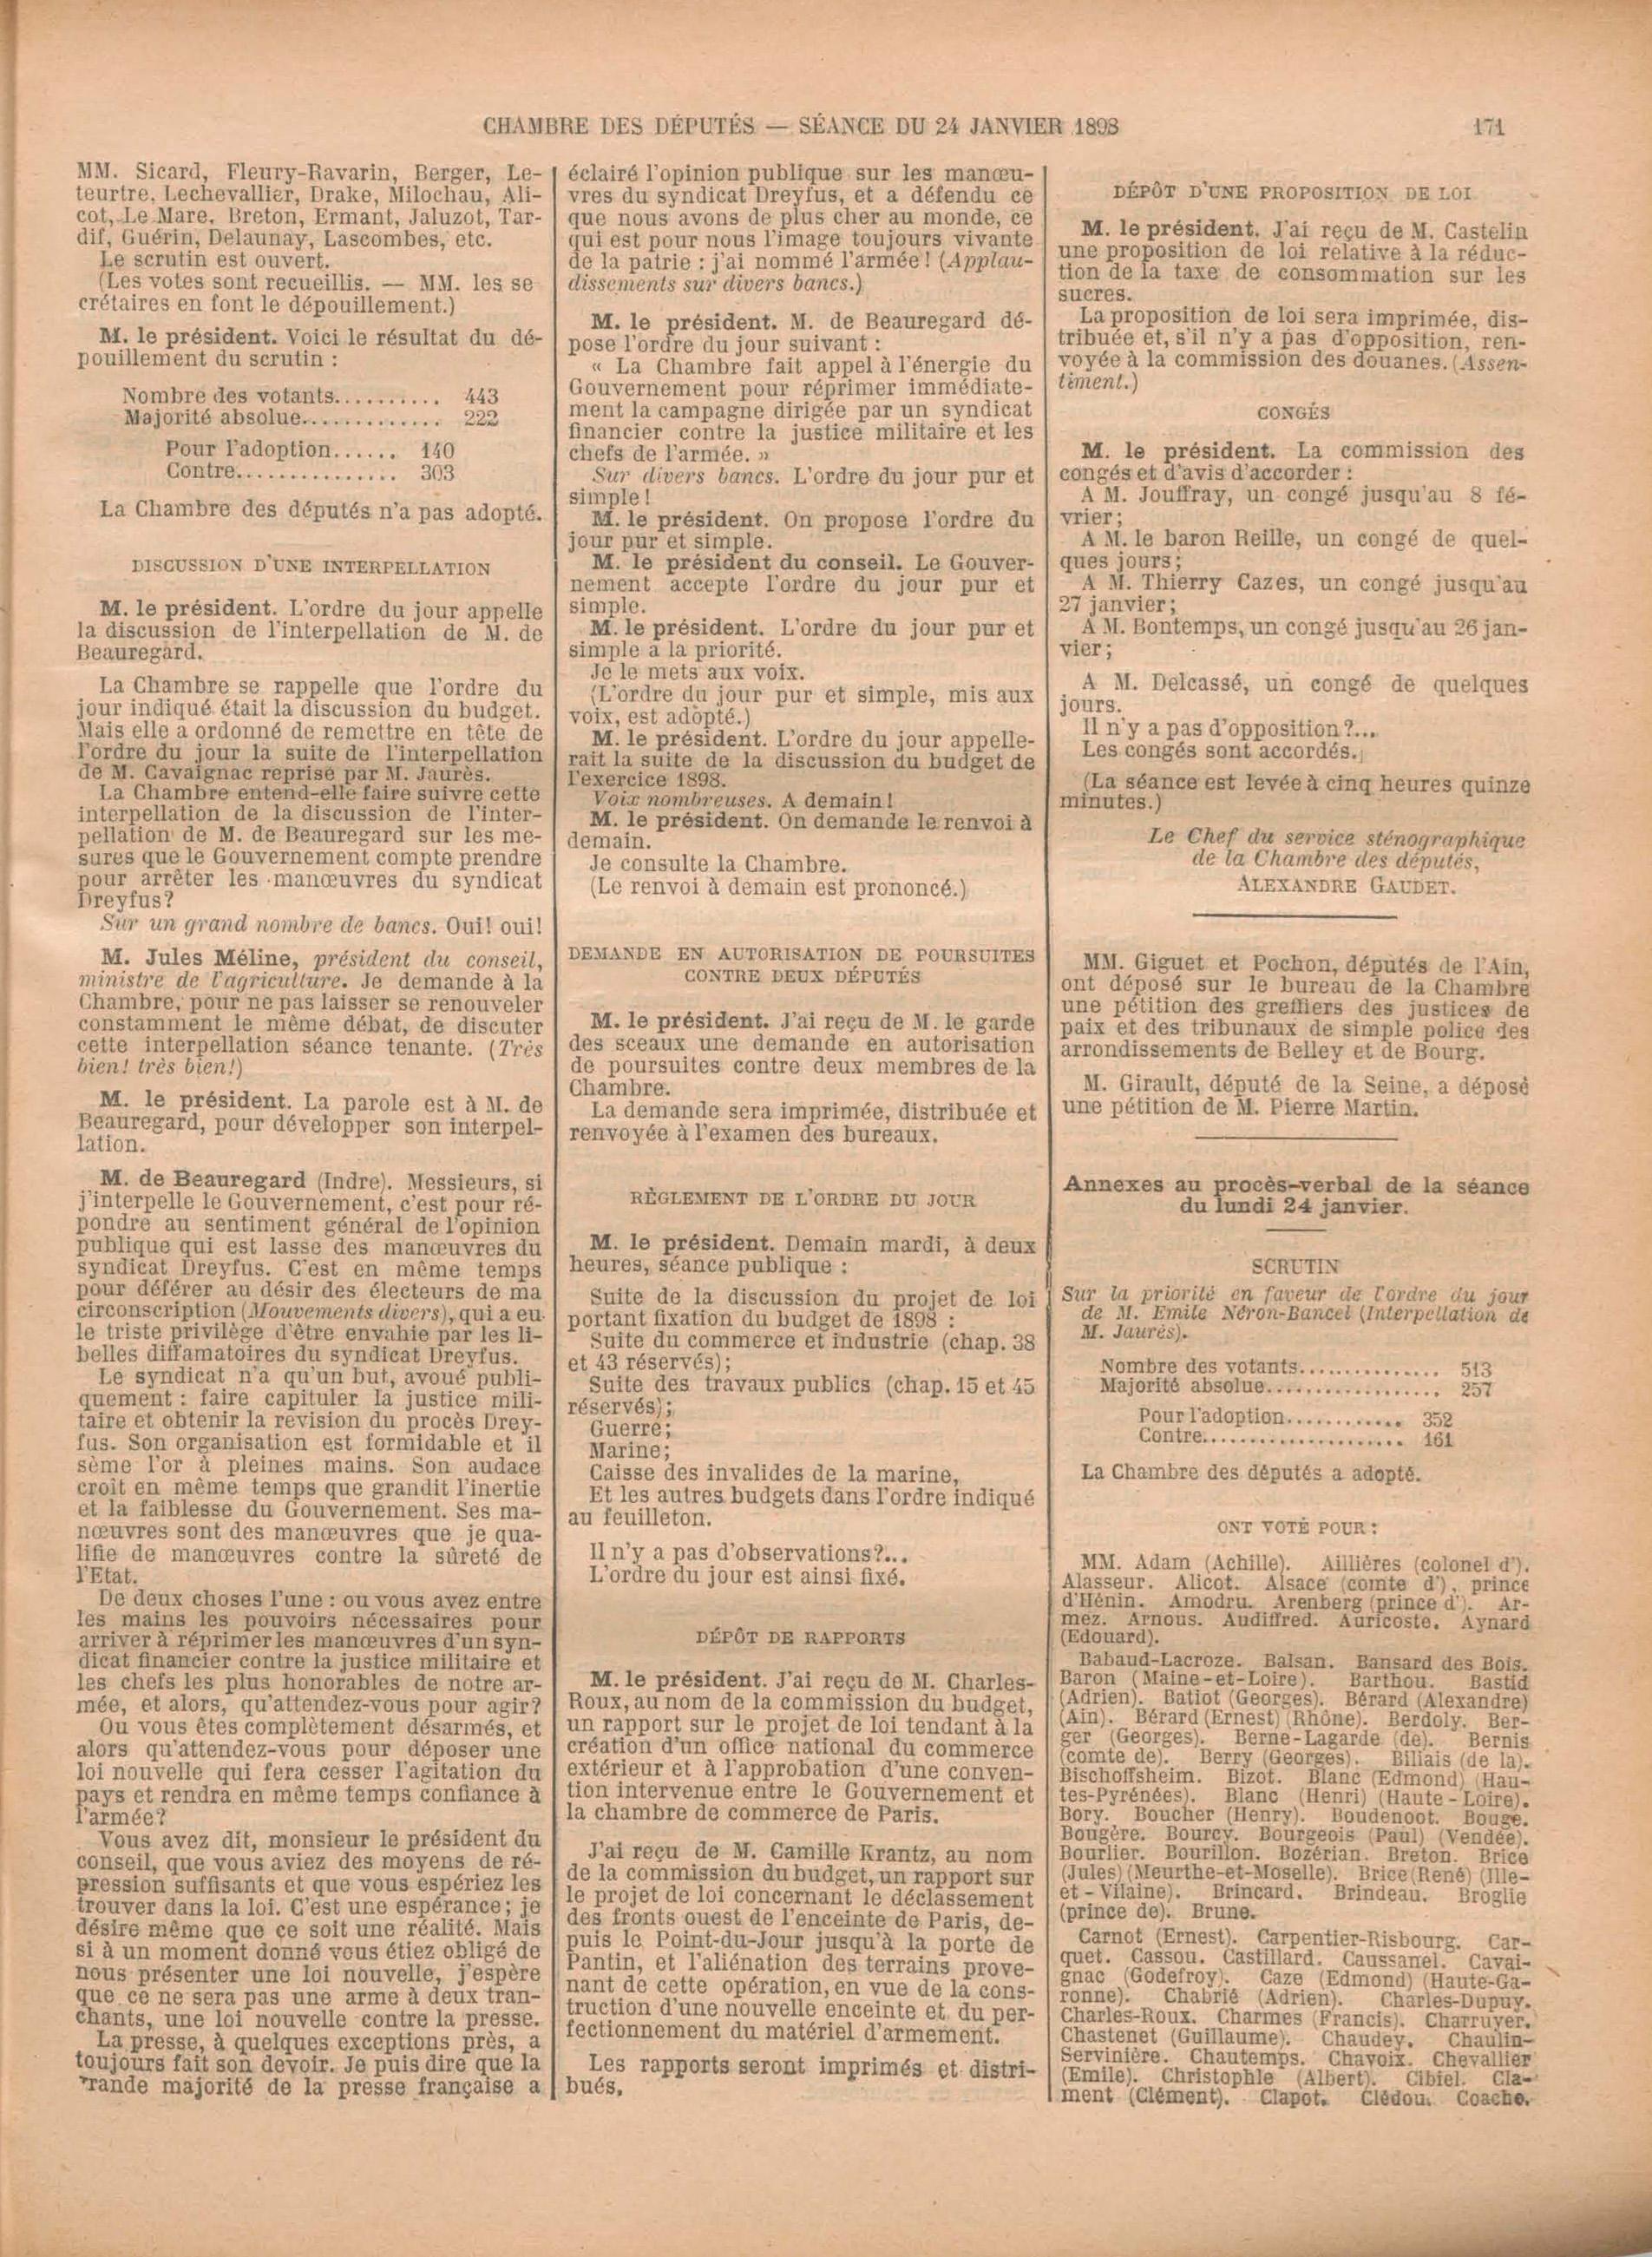 http://expo-paulviollet.univ-paris1.fr/wp-content/uploads/2017/09/Journal_officiel_de_la_République_séance-du-lundi-24-janvier-1898_Page_11.jpg